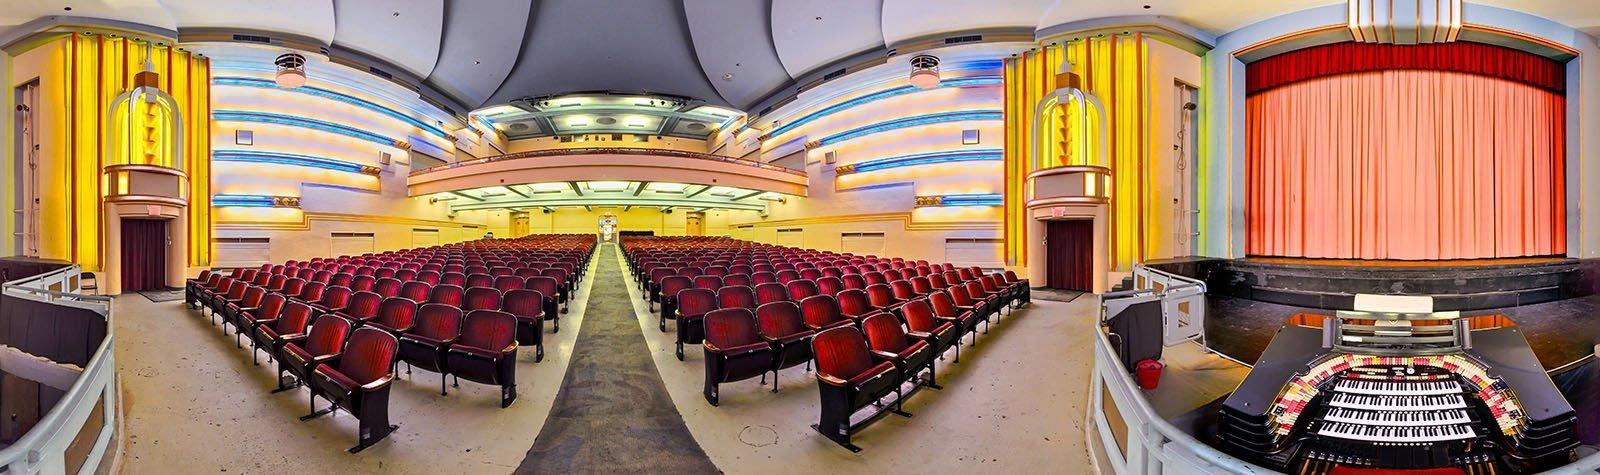 Fargo-Theatre-Panorama